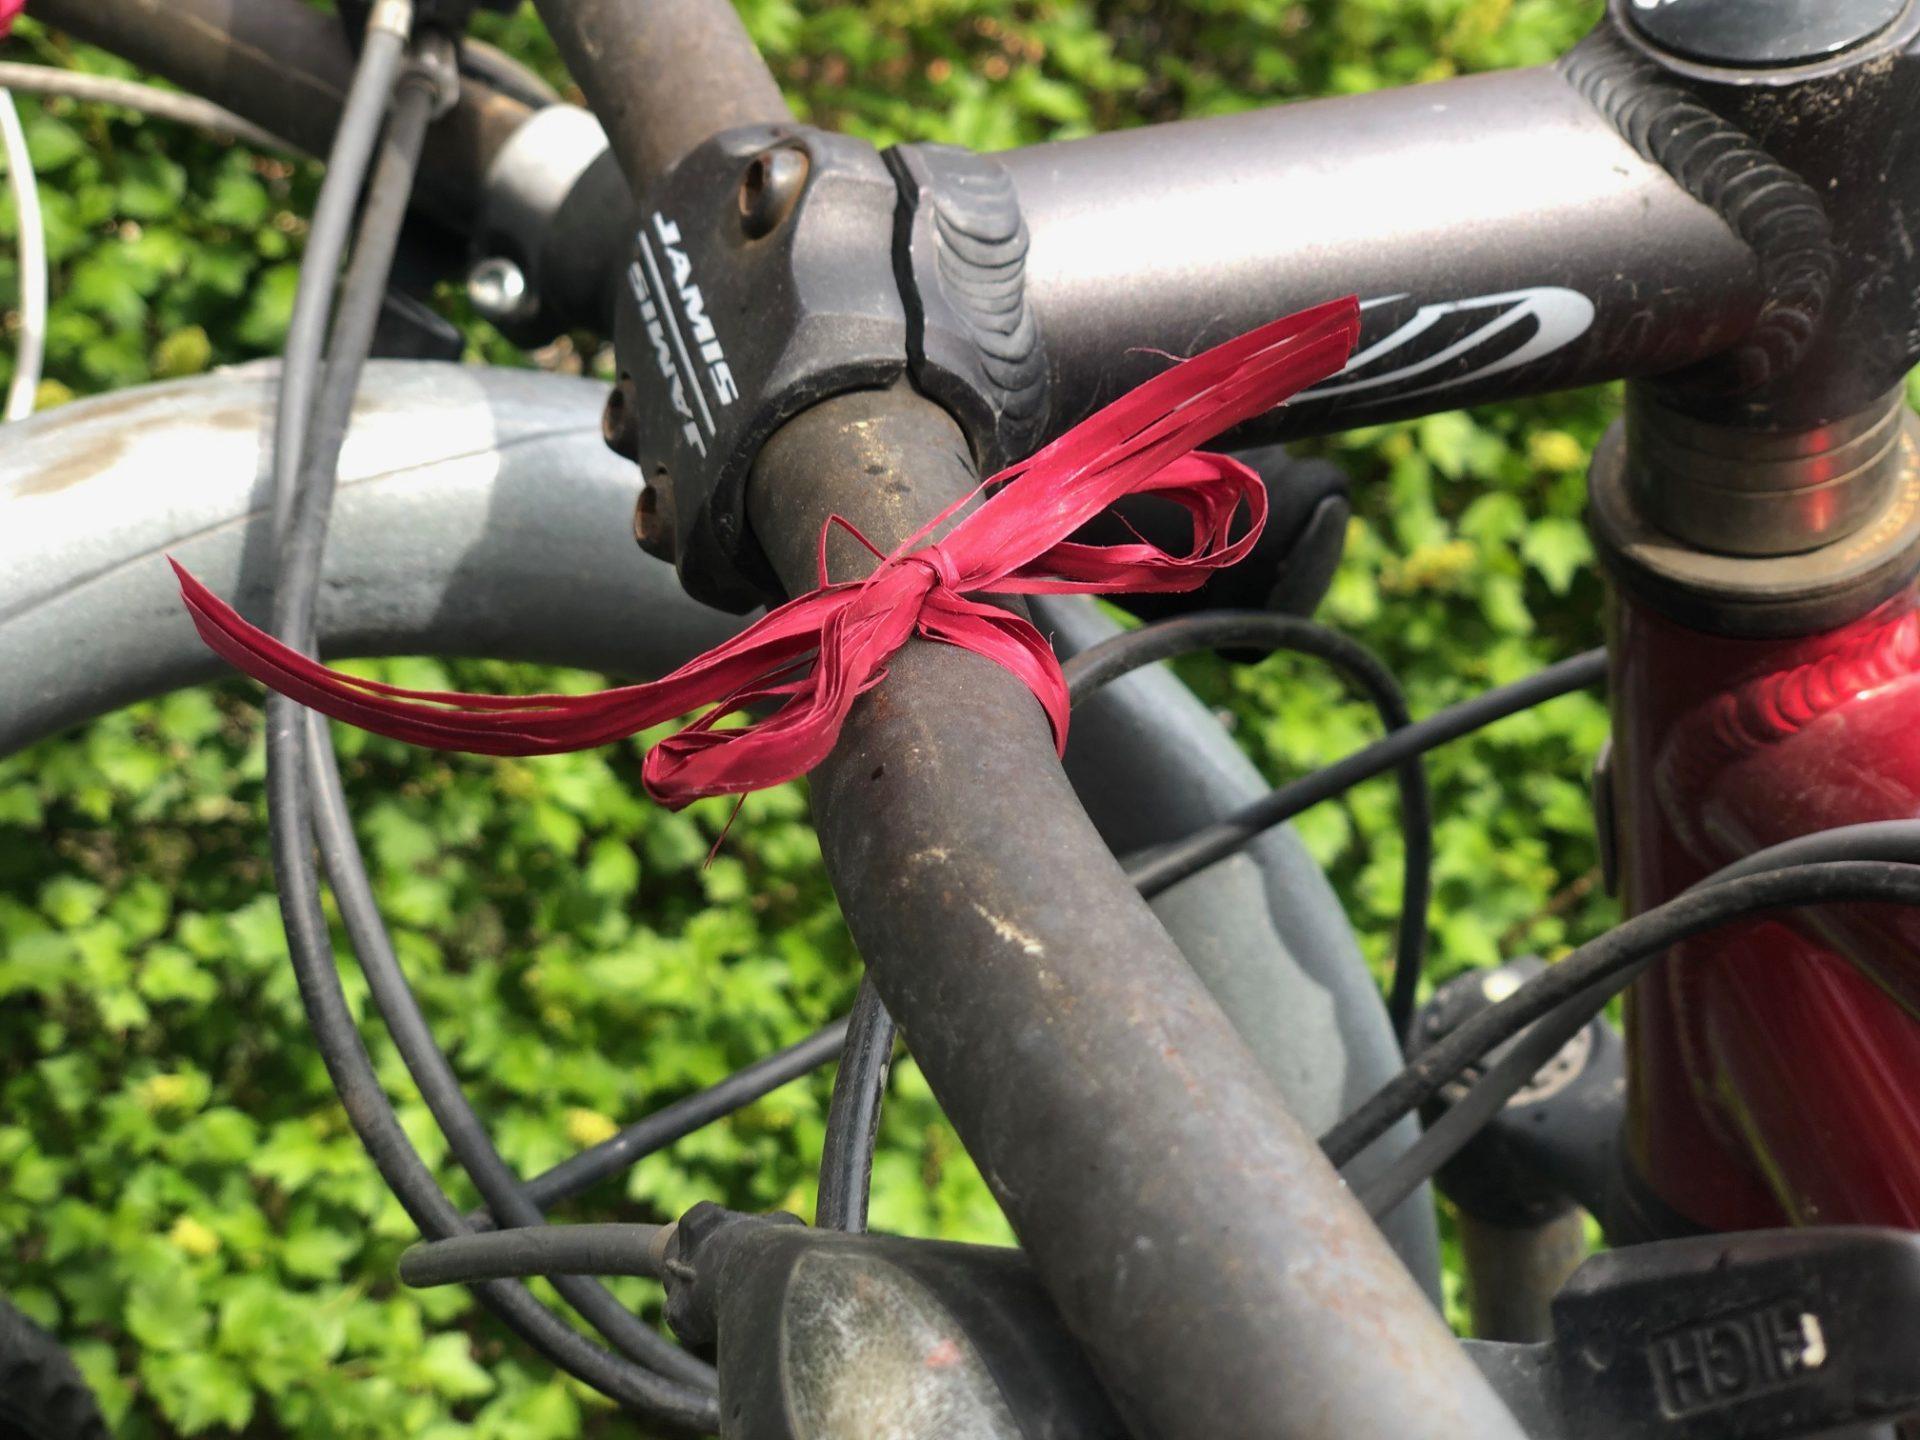 Sykkel med bånd